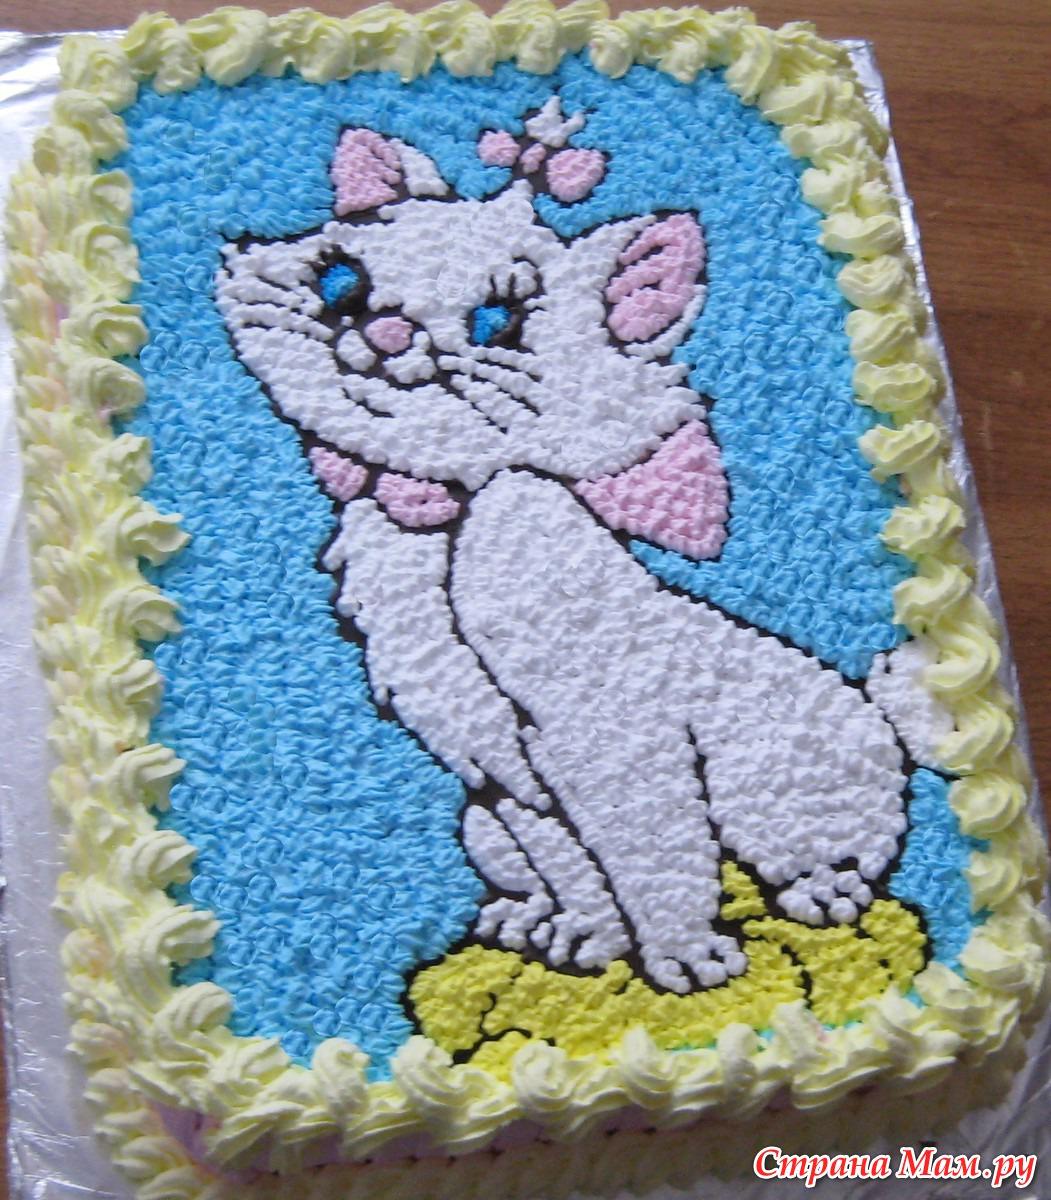 Как сделать детский кремовый торт